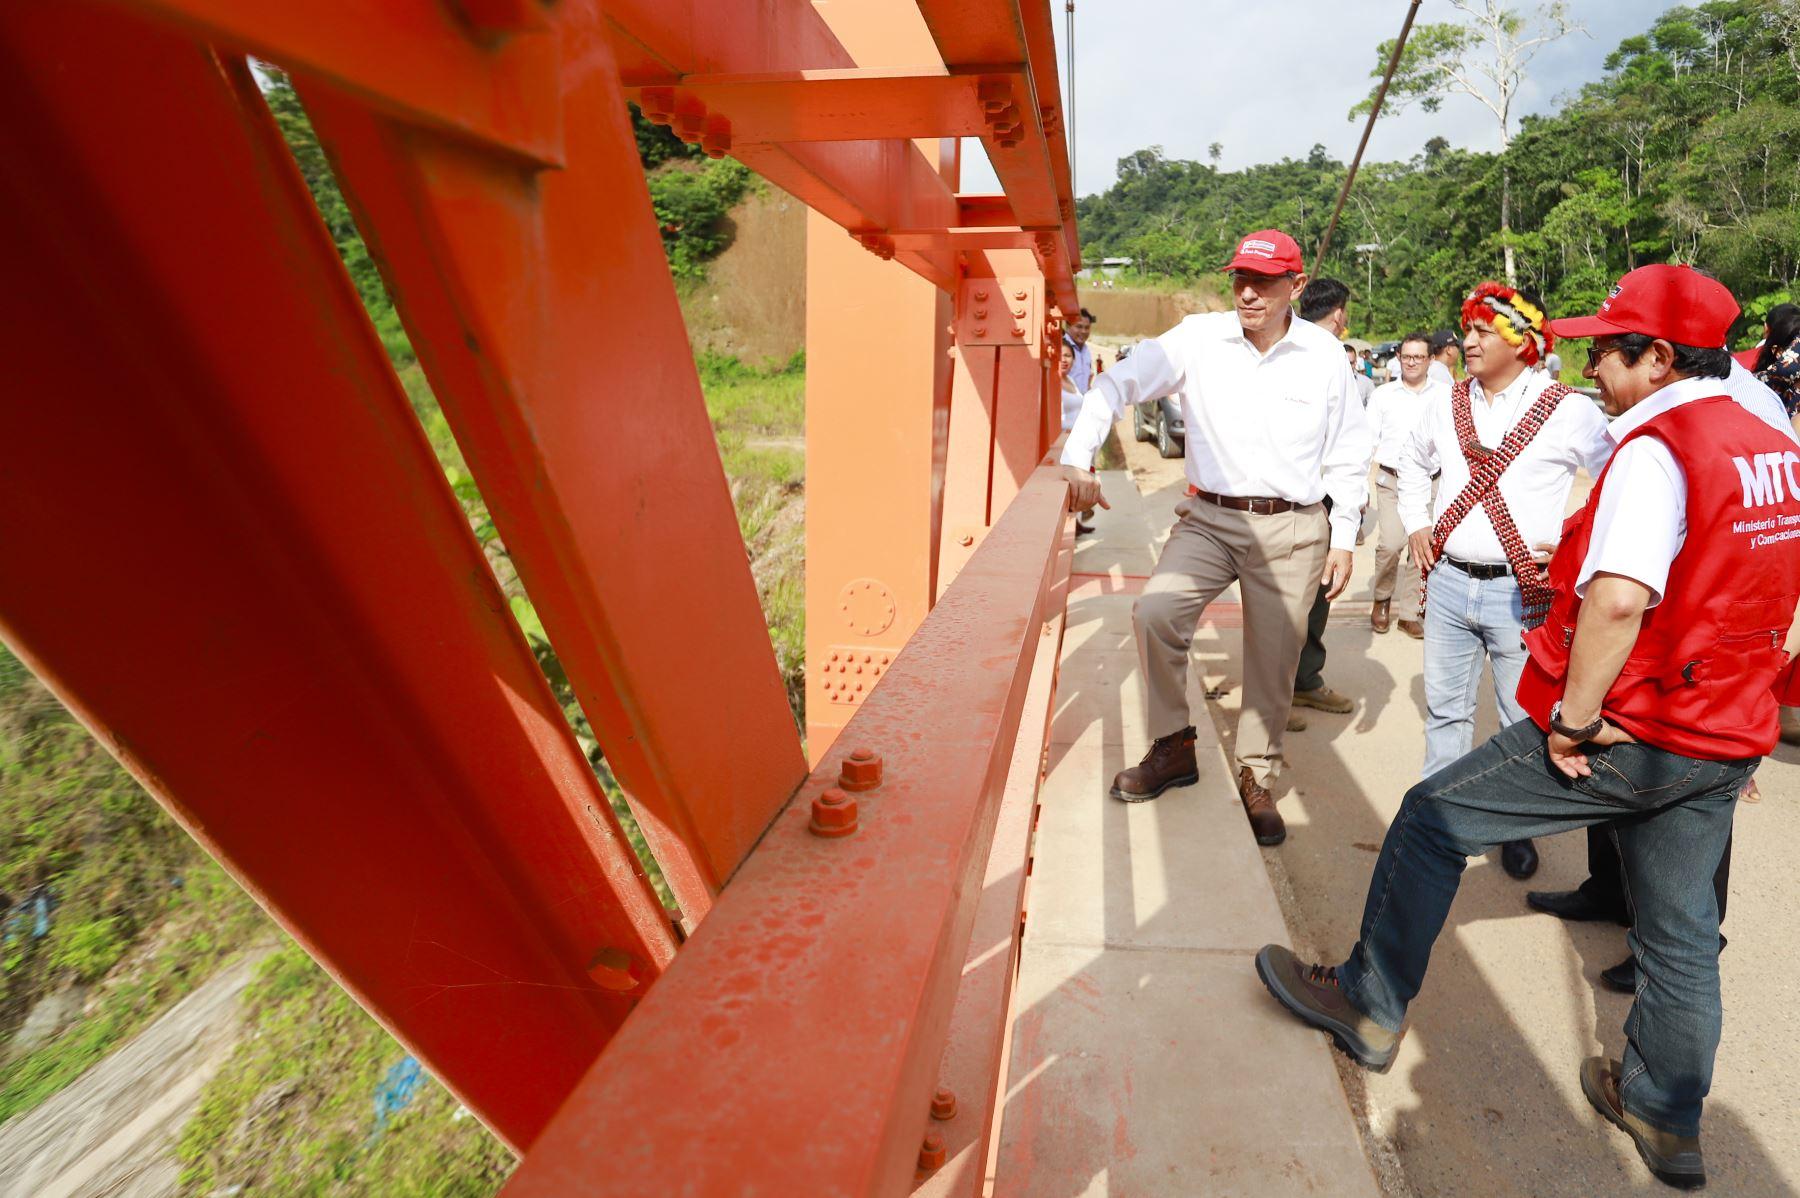 El presidente Martín Vizcarra participa en la ceremonia de inauguración de la carretera Tingo - Estación de Embarque Teleférico de Kuelap, en la región Amazonas. Foto: ANDINA/ Prensa Presidencia